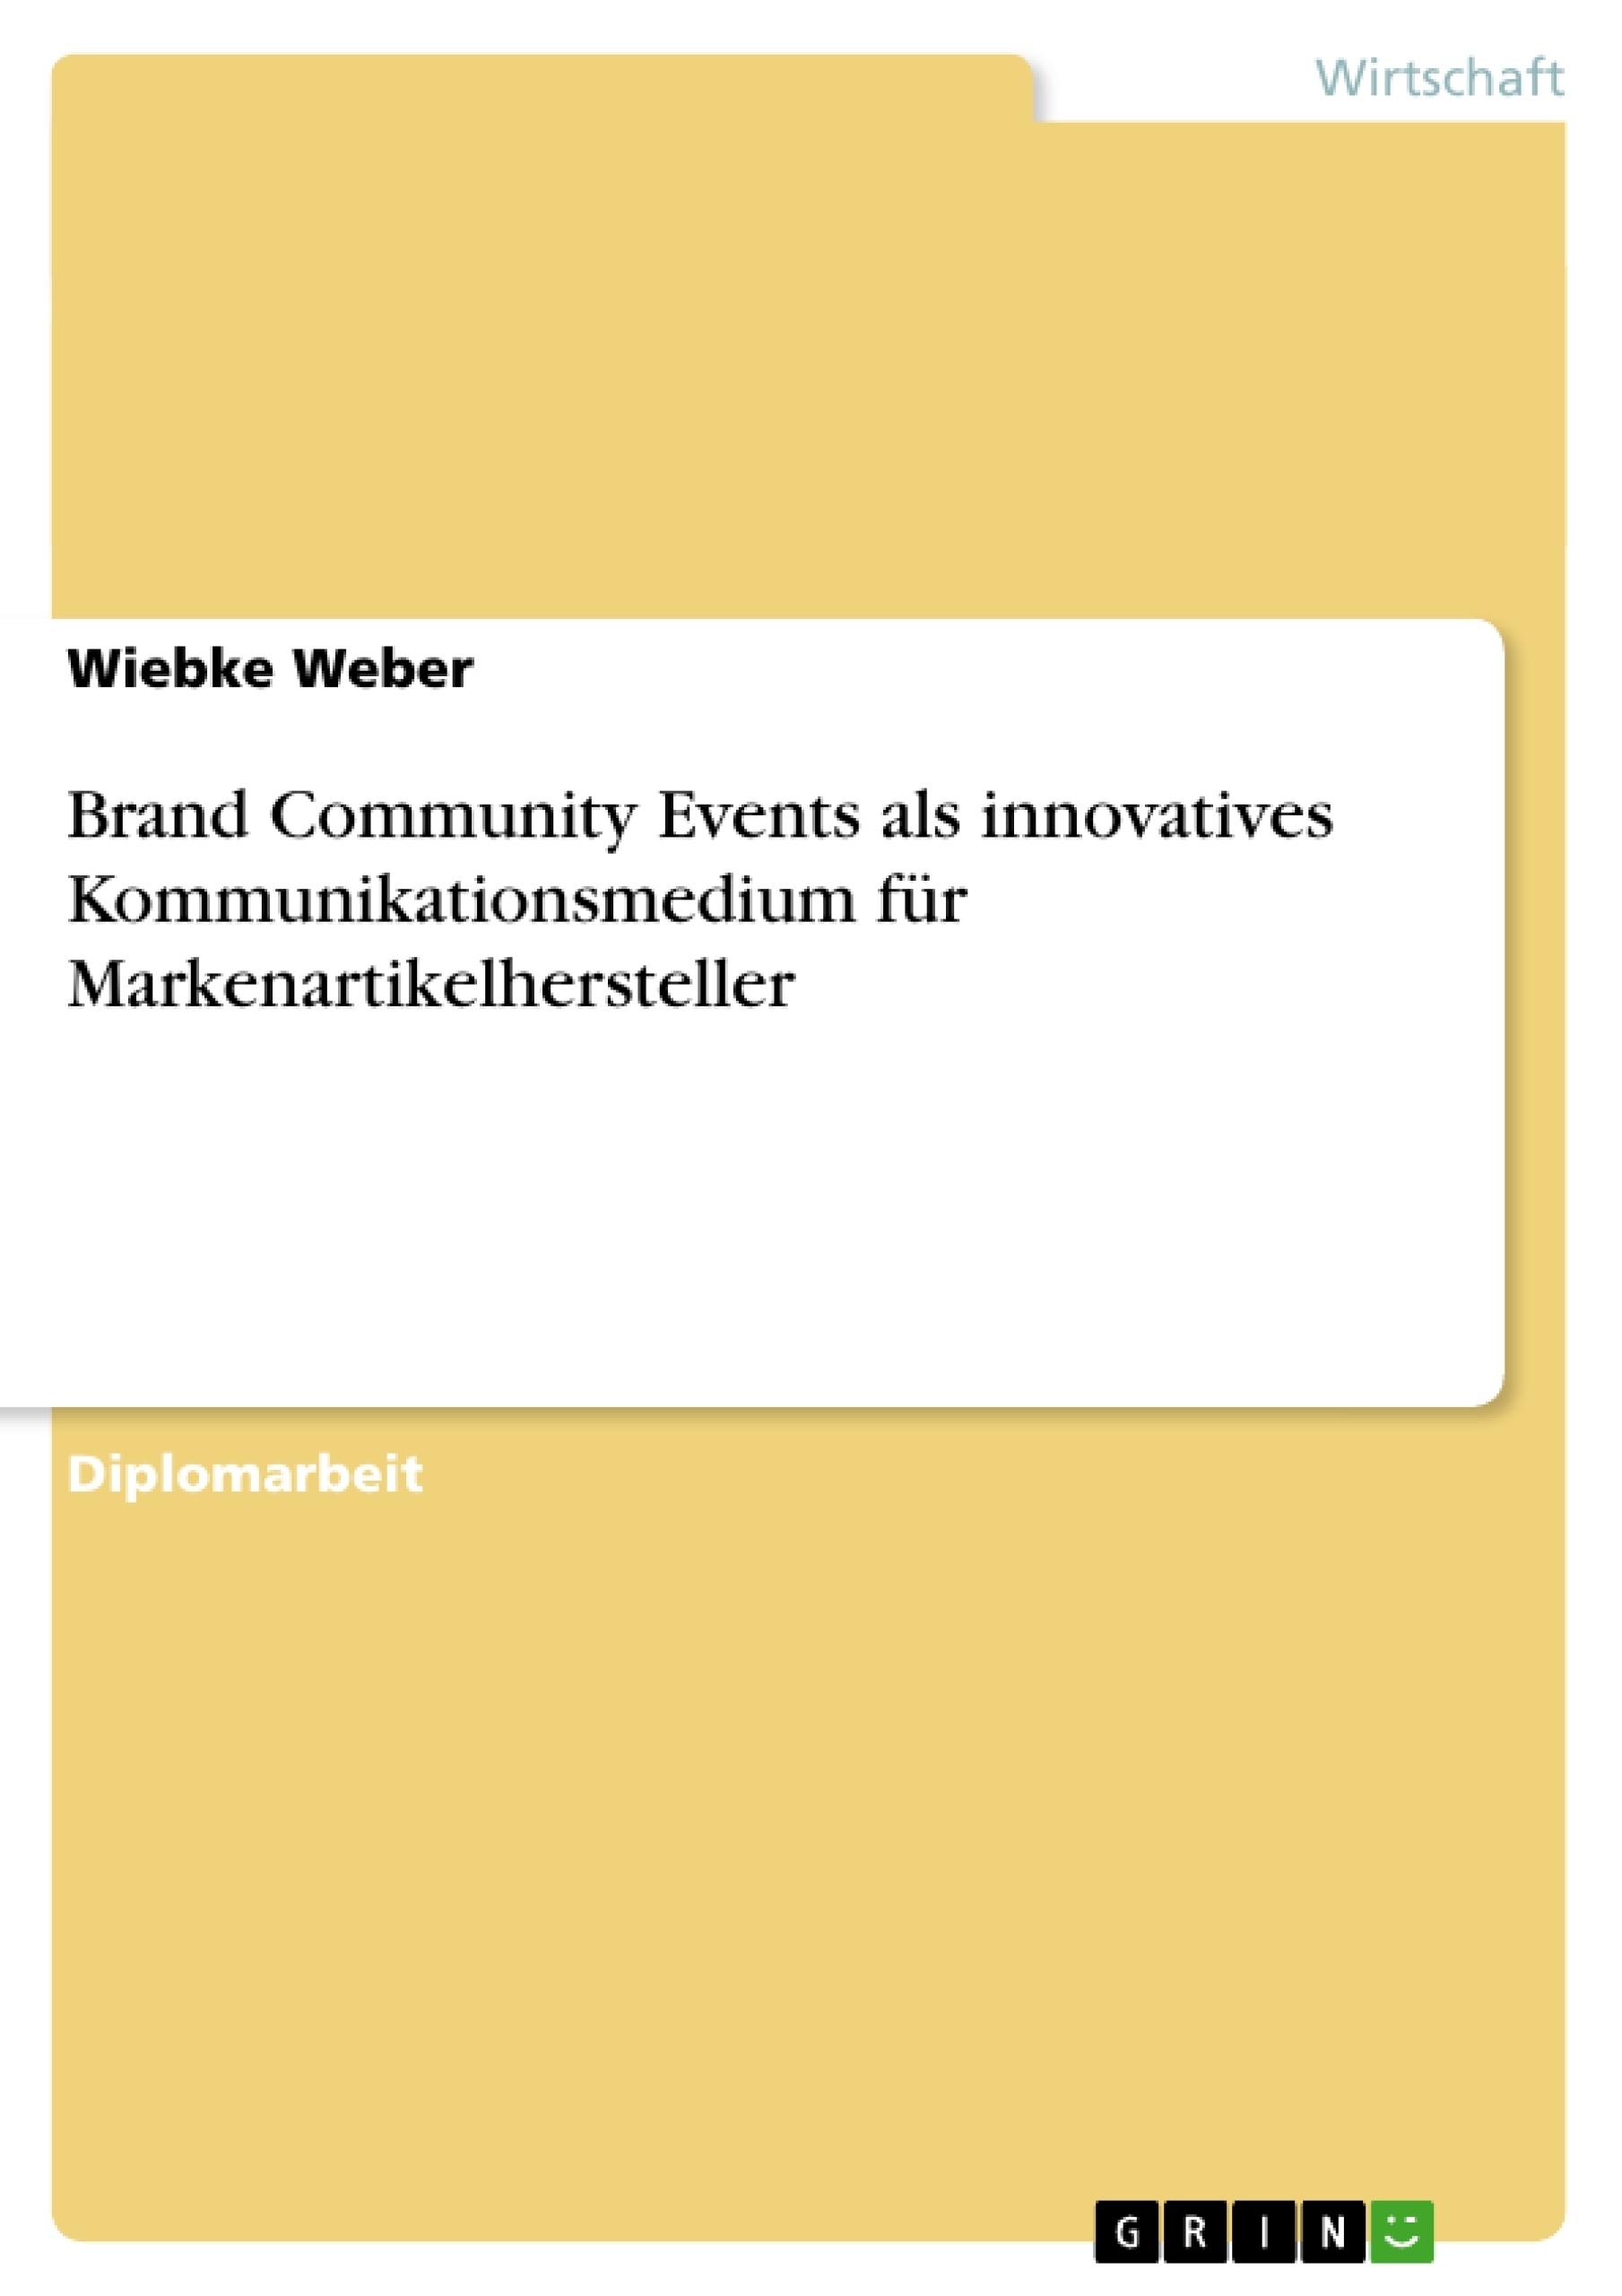 Titel: Brand Community Events als innovatives Kommunikationsmedium für Markenartikelhersteller